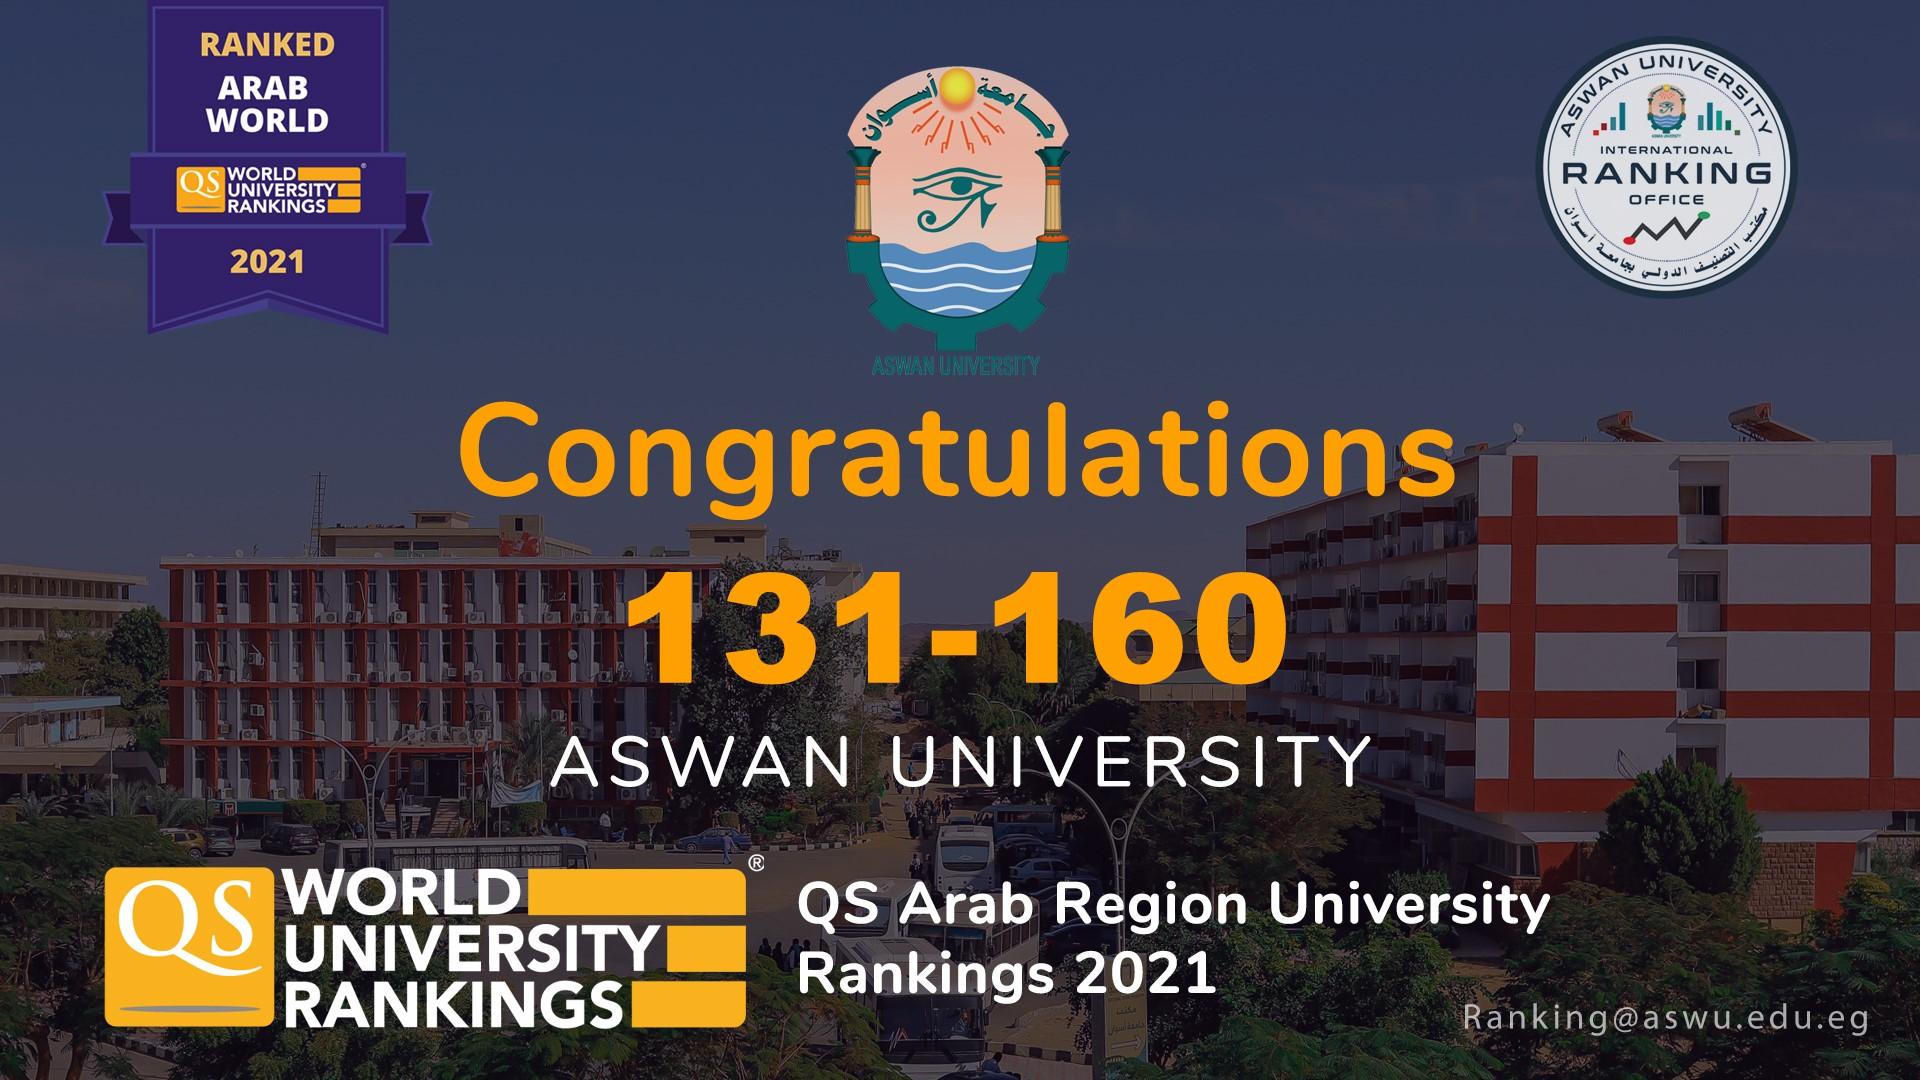 جامعة أسوان لأول مرة بتصنيف الـ QS، وتحقق انجازين جديدين في تصنيف التايمز البريطاني 2021 للتخصصات العلمية